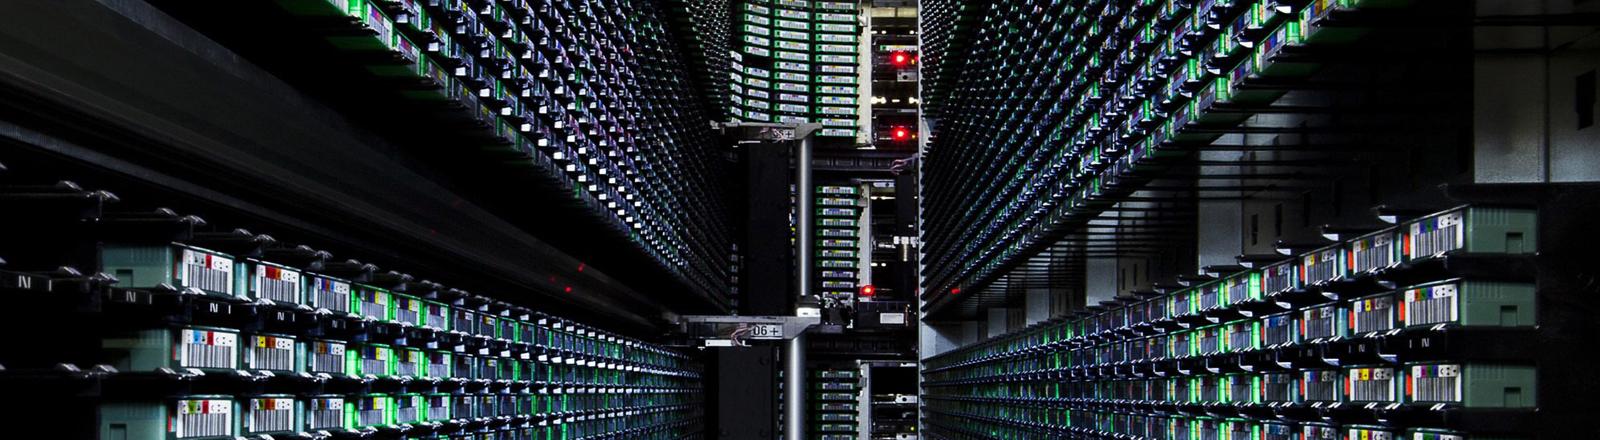 Blick in ein Google-Serverzentrum. Die grünen Leuchtioden der Rechner lassen ein sehr futuristisch wirkendes Bild entstehen.